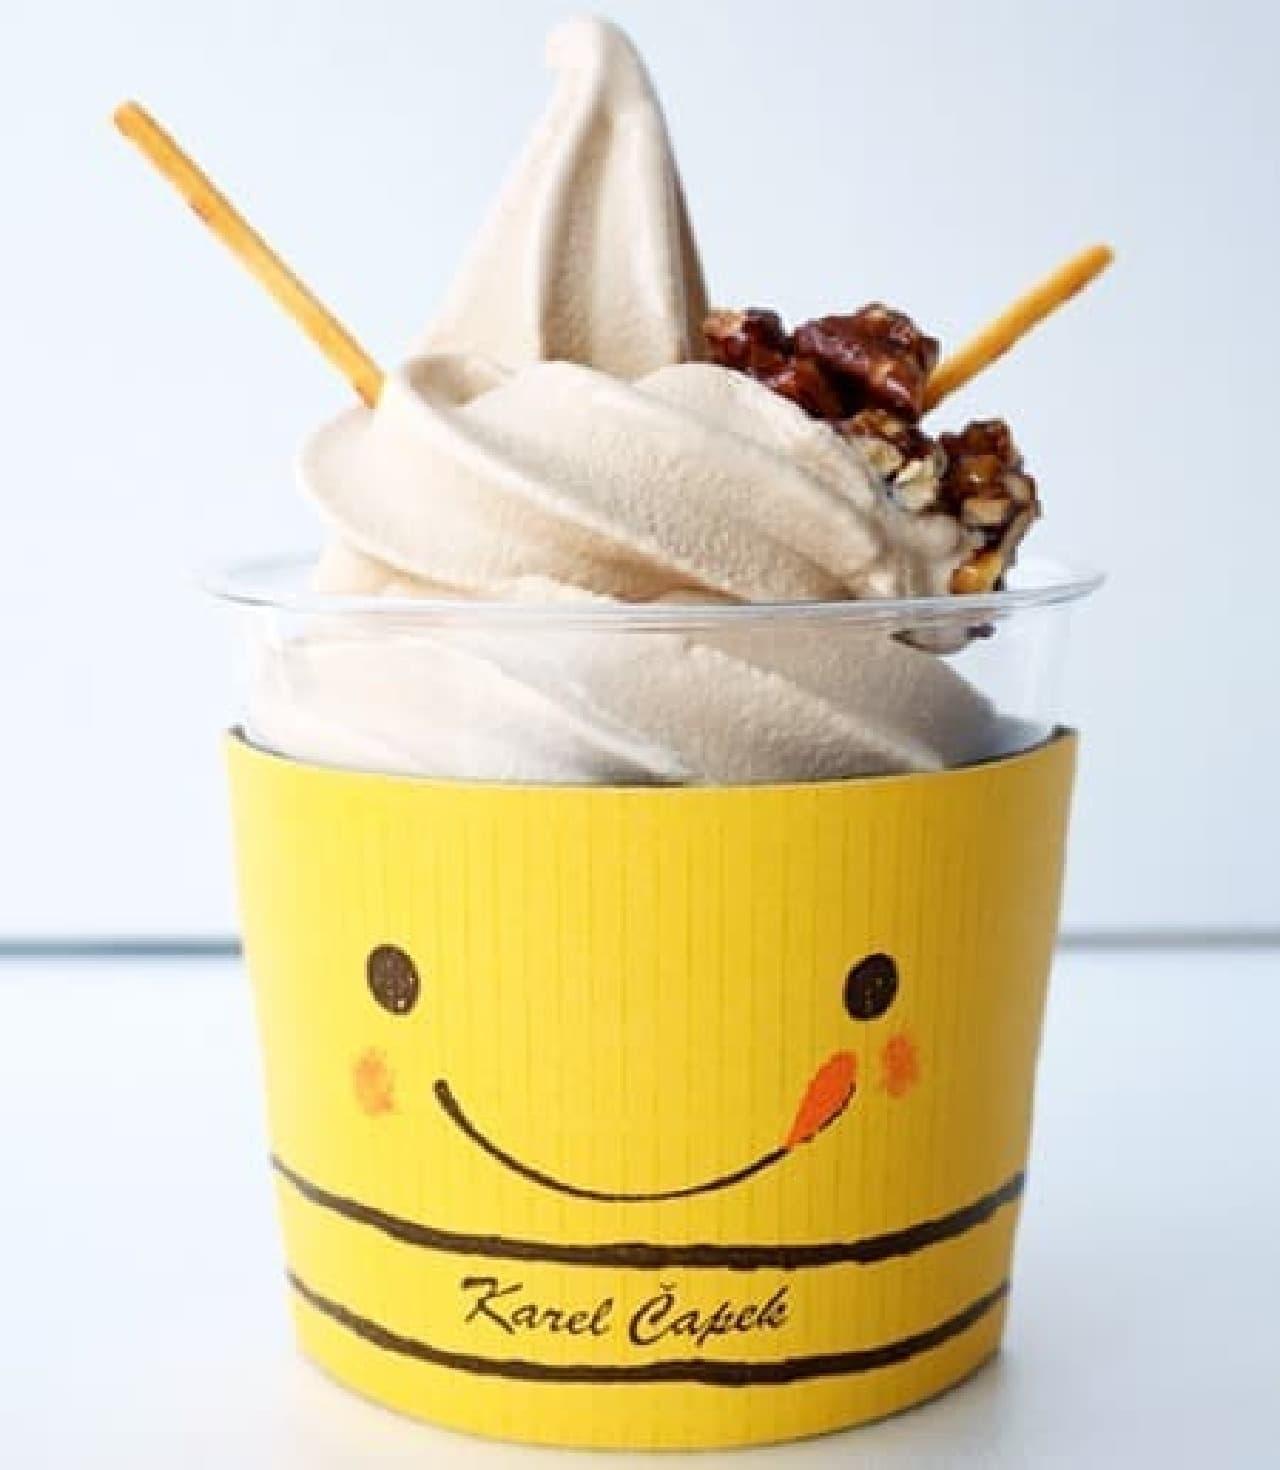 カレルチャペック紅茶店・吉祥寺本店「別格濃厚ルフナ紅茶ソフトクリーム」